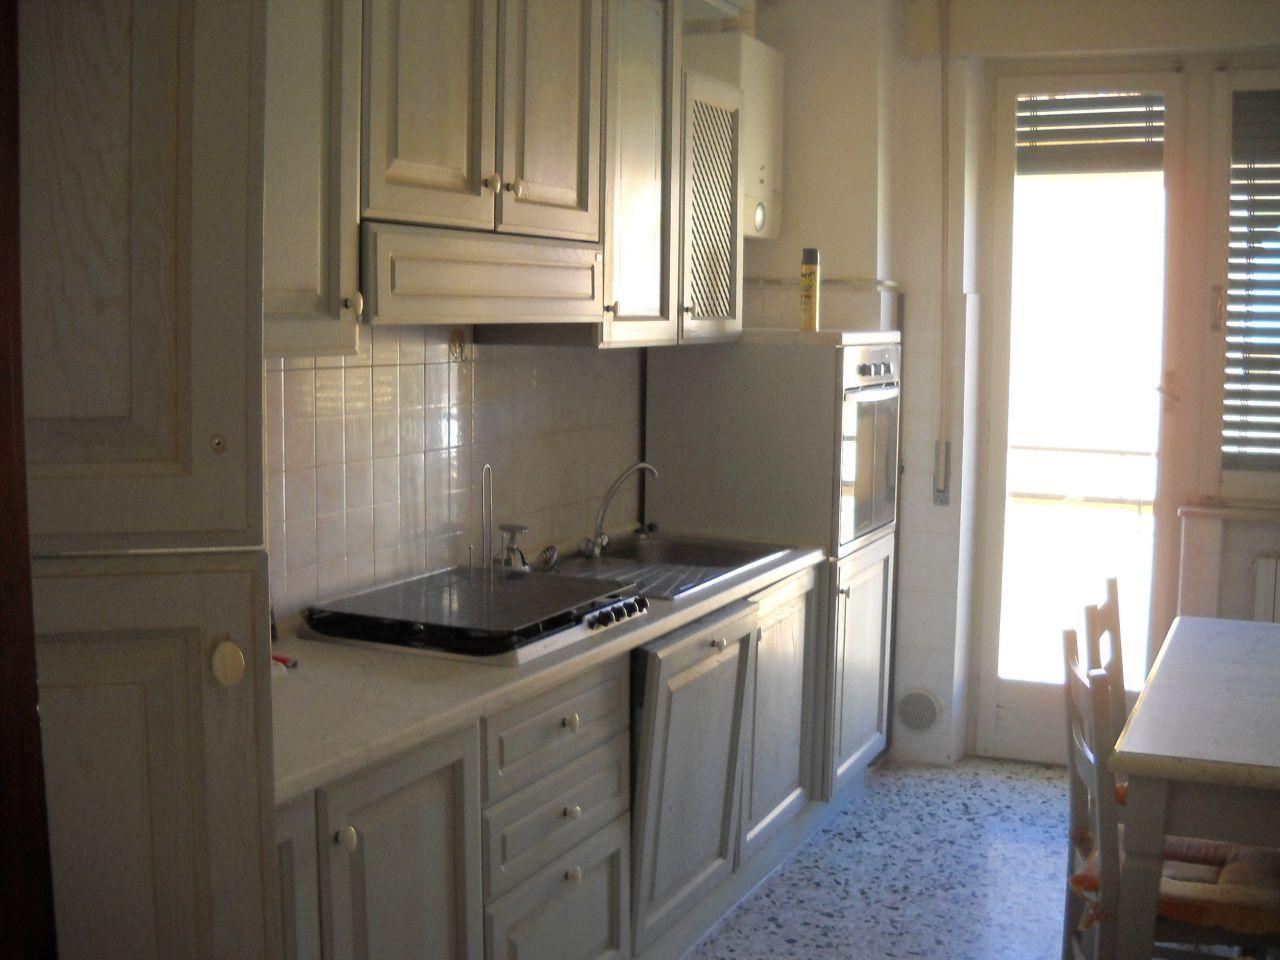 Appartamento in affitto a Ascoli Piceno, 9999 locali, zona Località: P.taCappuccina, prezzo € 550 | Cambio Casa.it